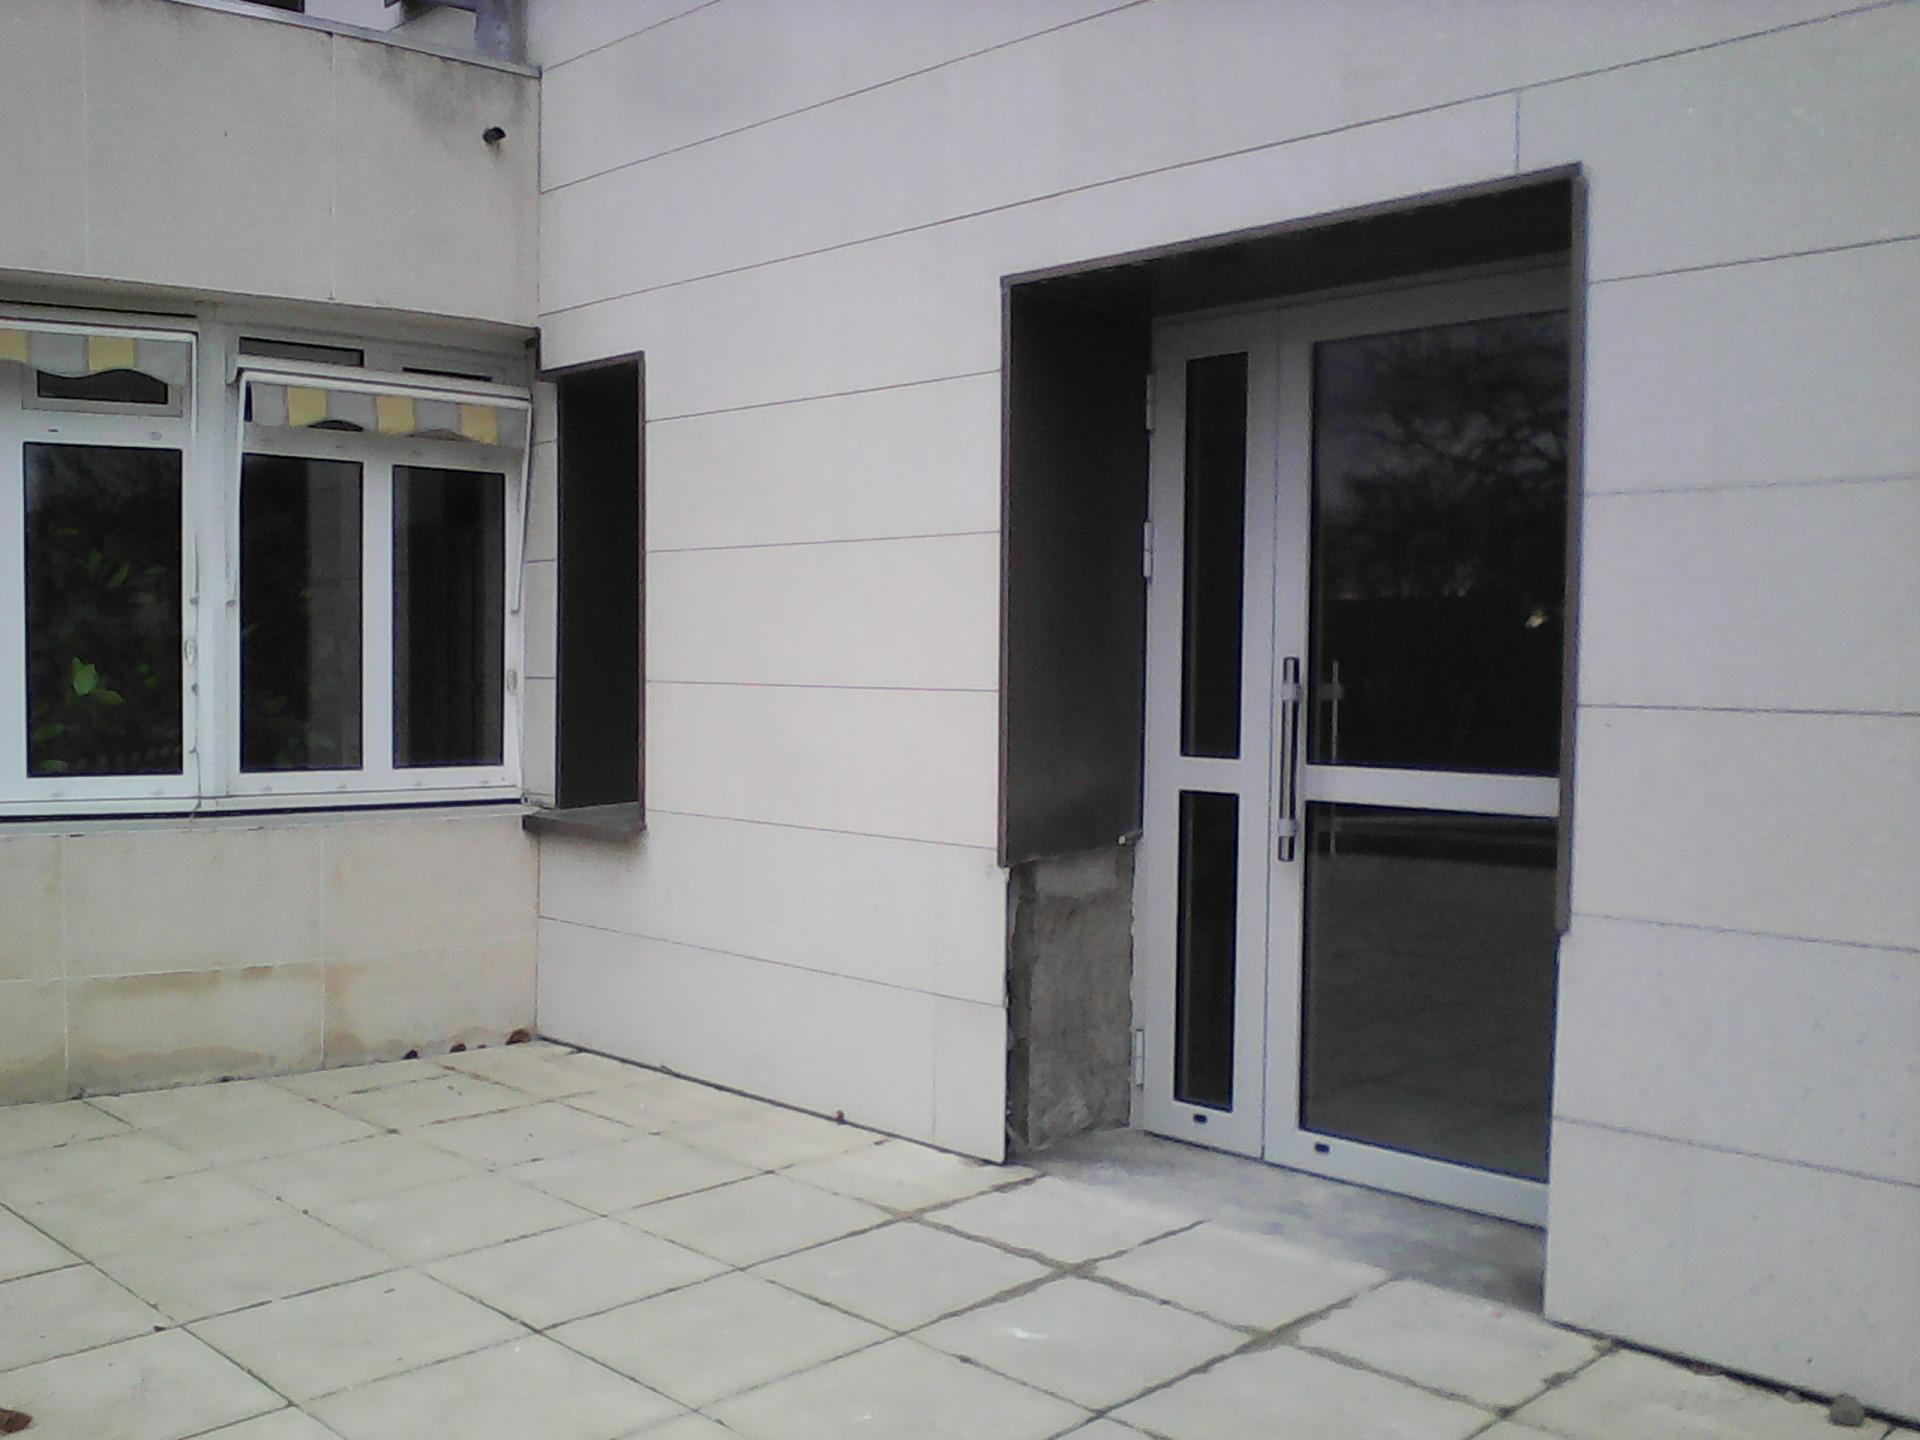 Transformation d'un fenêtre en porte